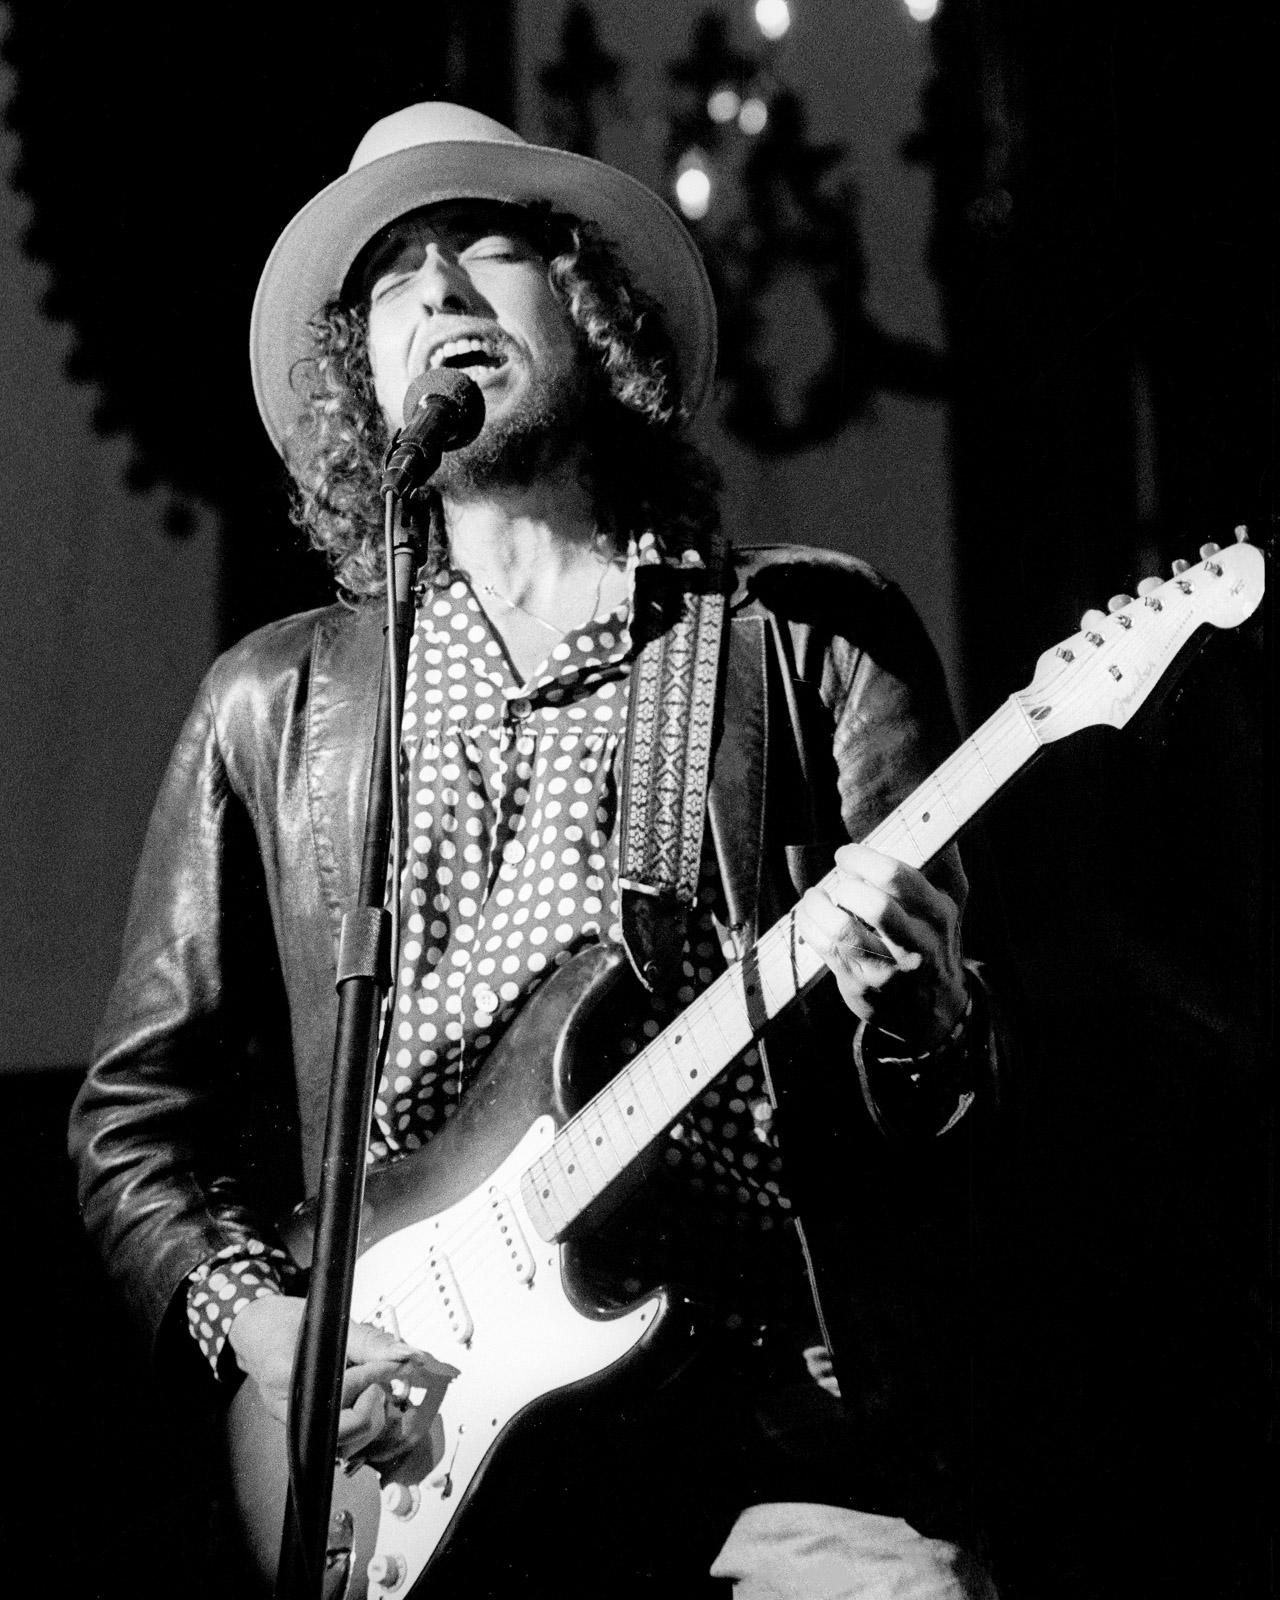 BOB DYLAN   WINTERLAND BALLROOM  NOV 26, 1976